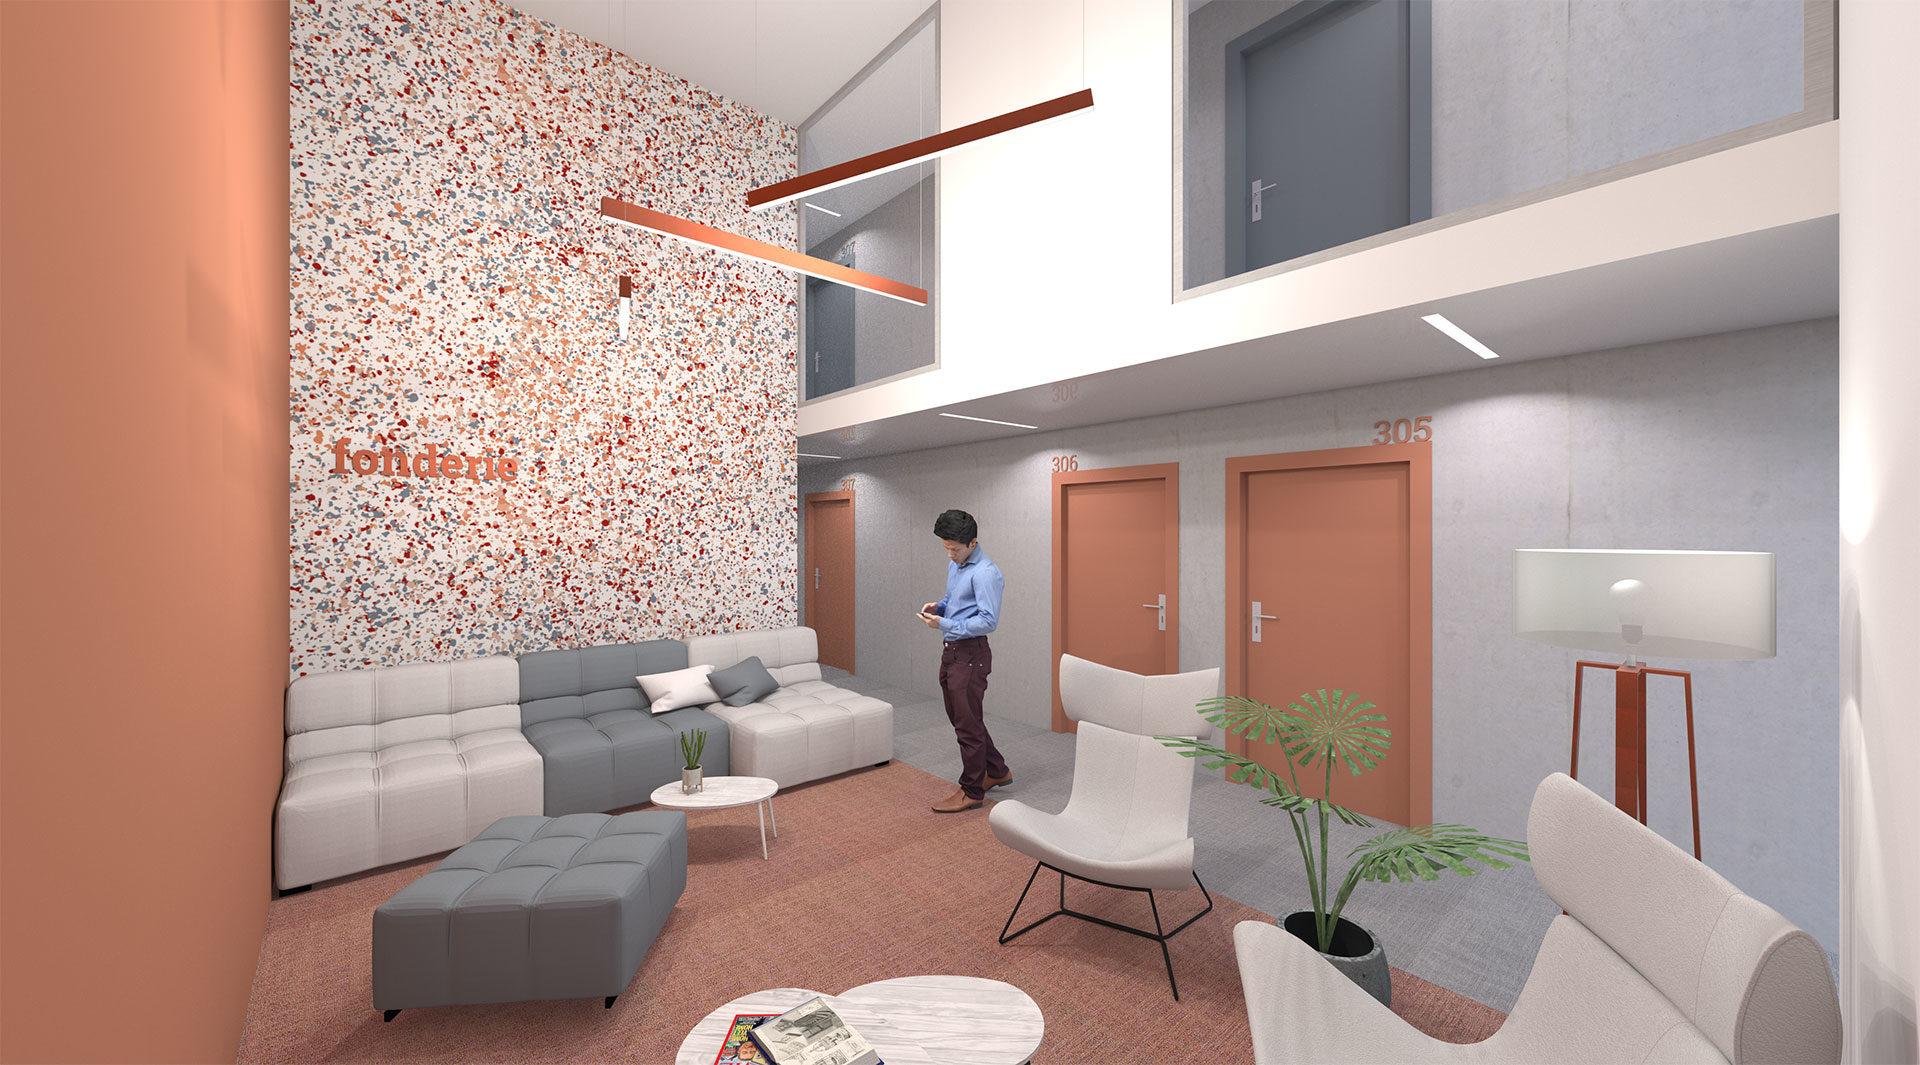 Salon de convivialité en double hauteur avec canapés et table basse dans les communs